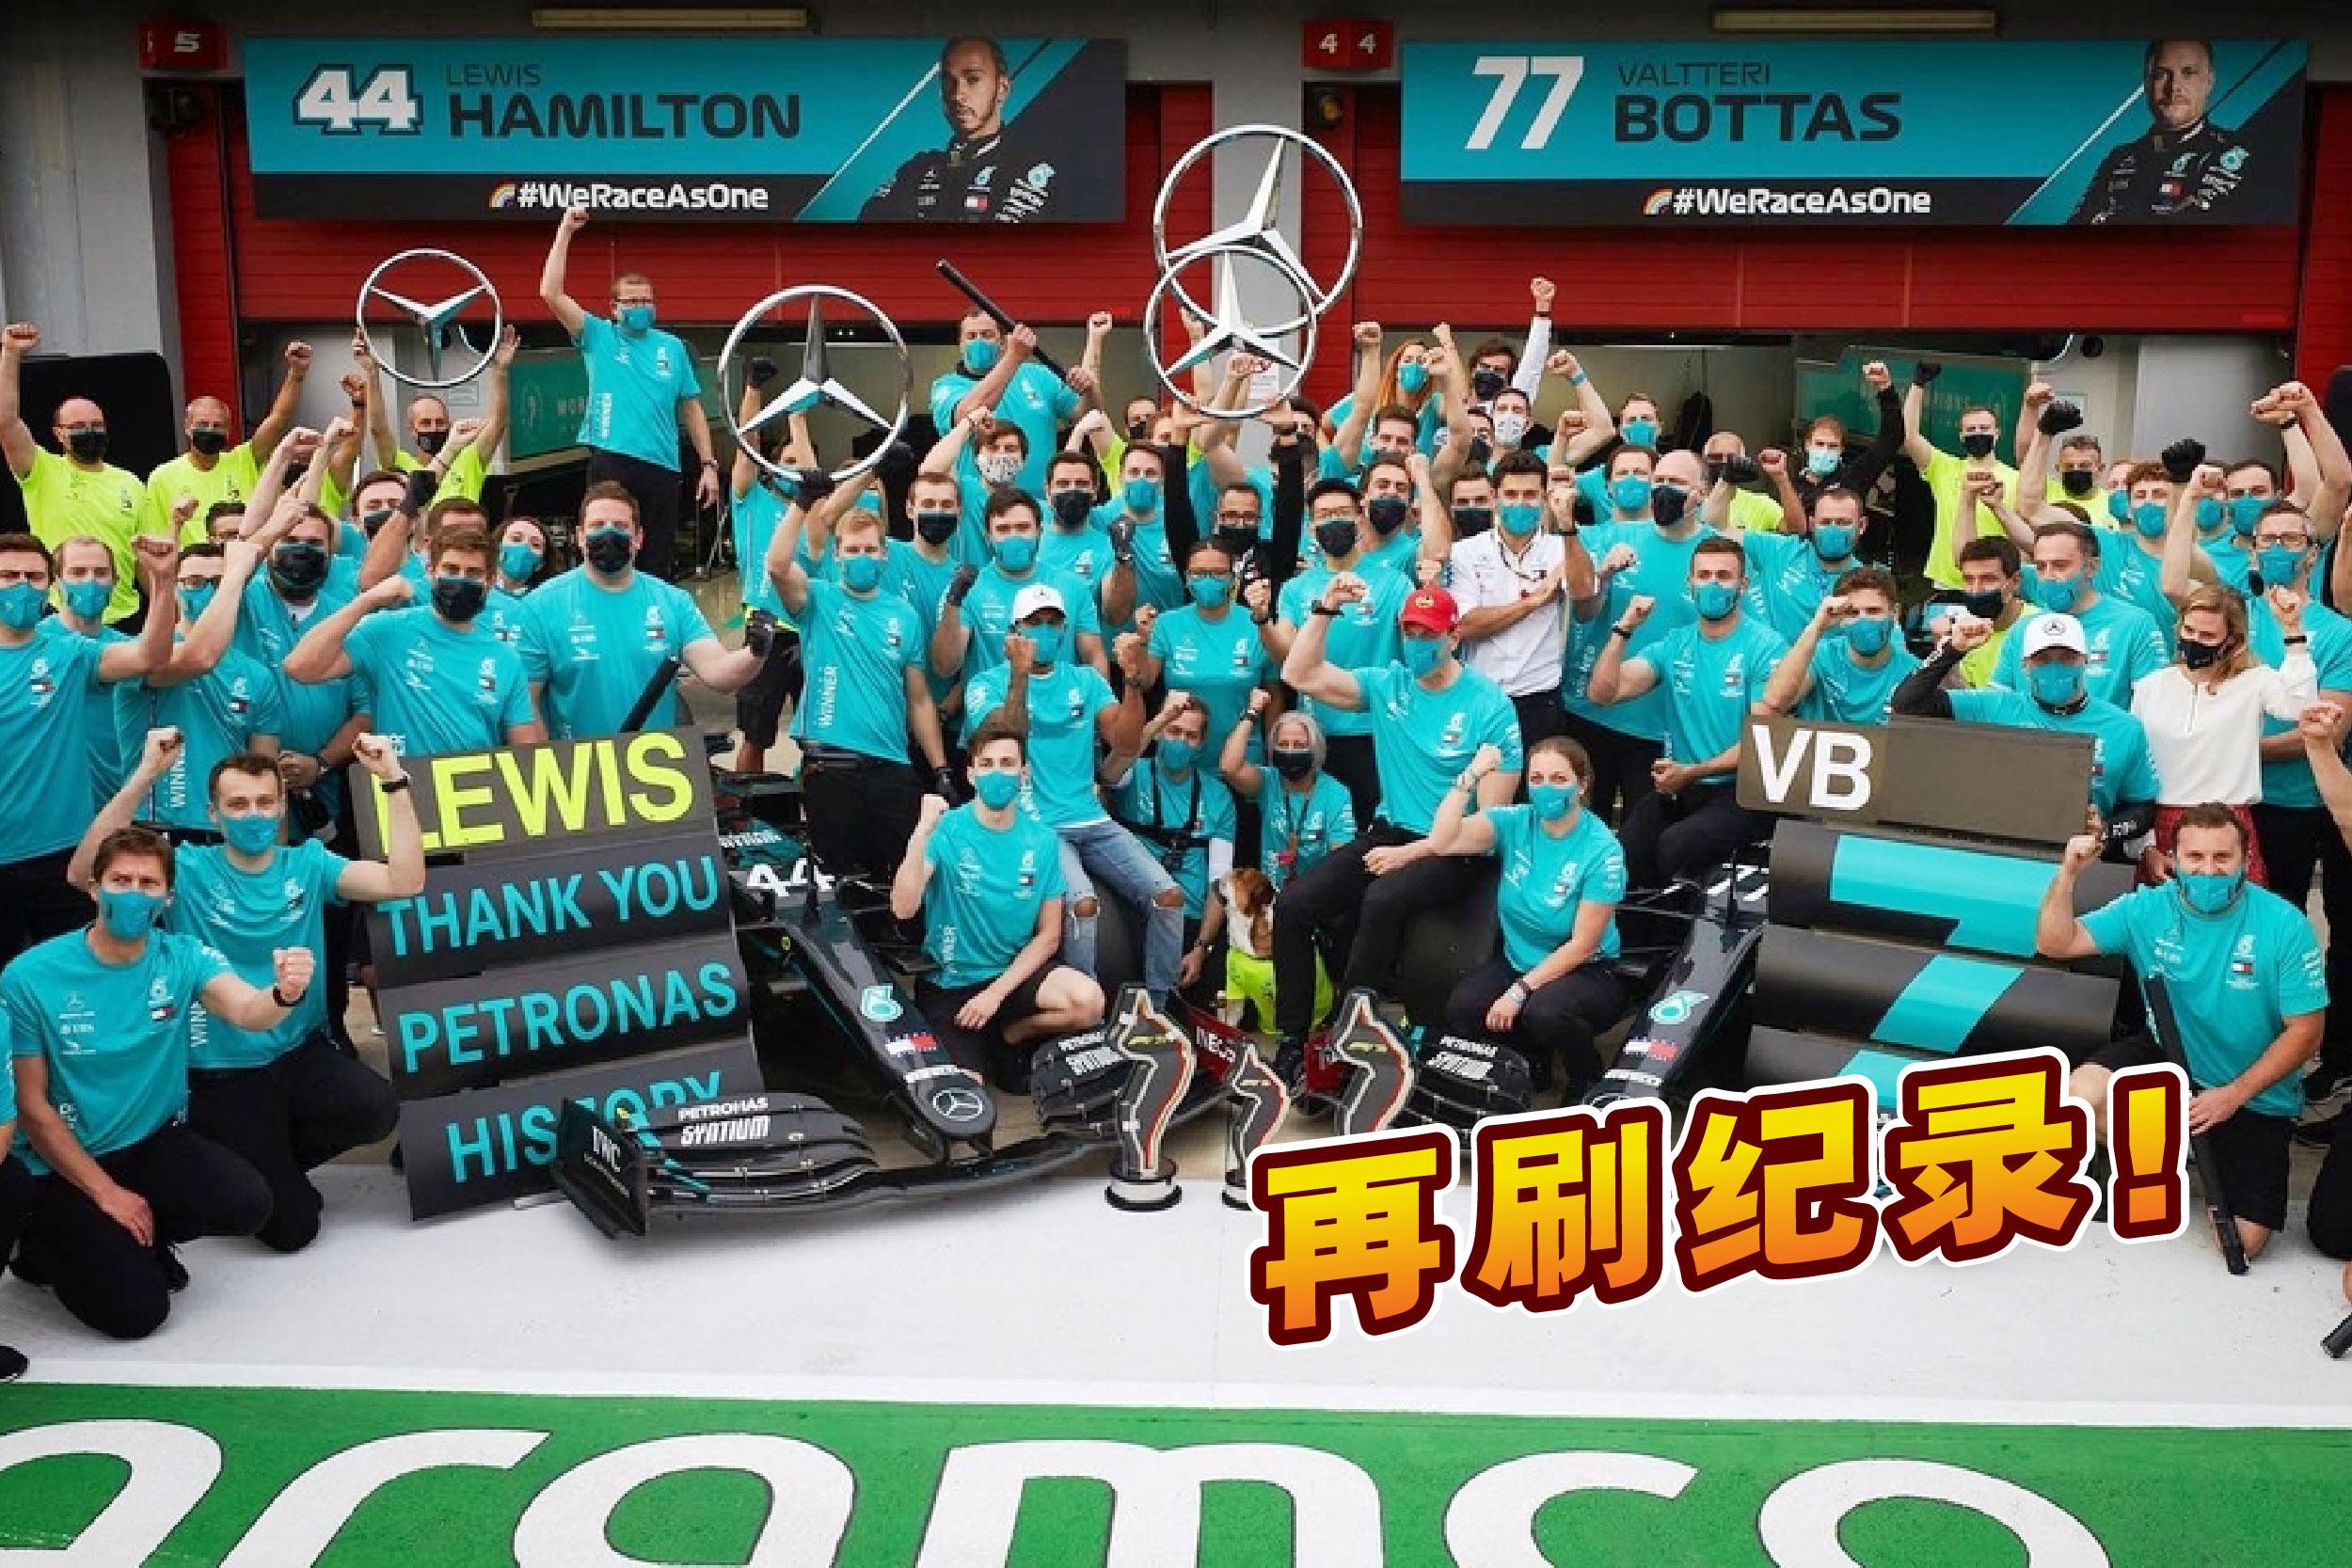 汉密尔顿在伊莫拉赛道夺冠,除了刷新本身职业生涯的夺冠纪录之外,还帮助马赛地车队提前拿下连续7次的总冠军!-摘自网络/精彩大马制图-